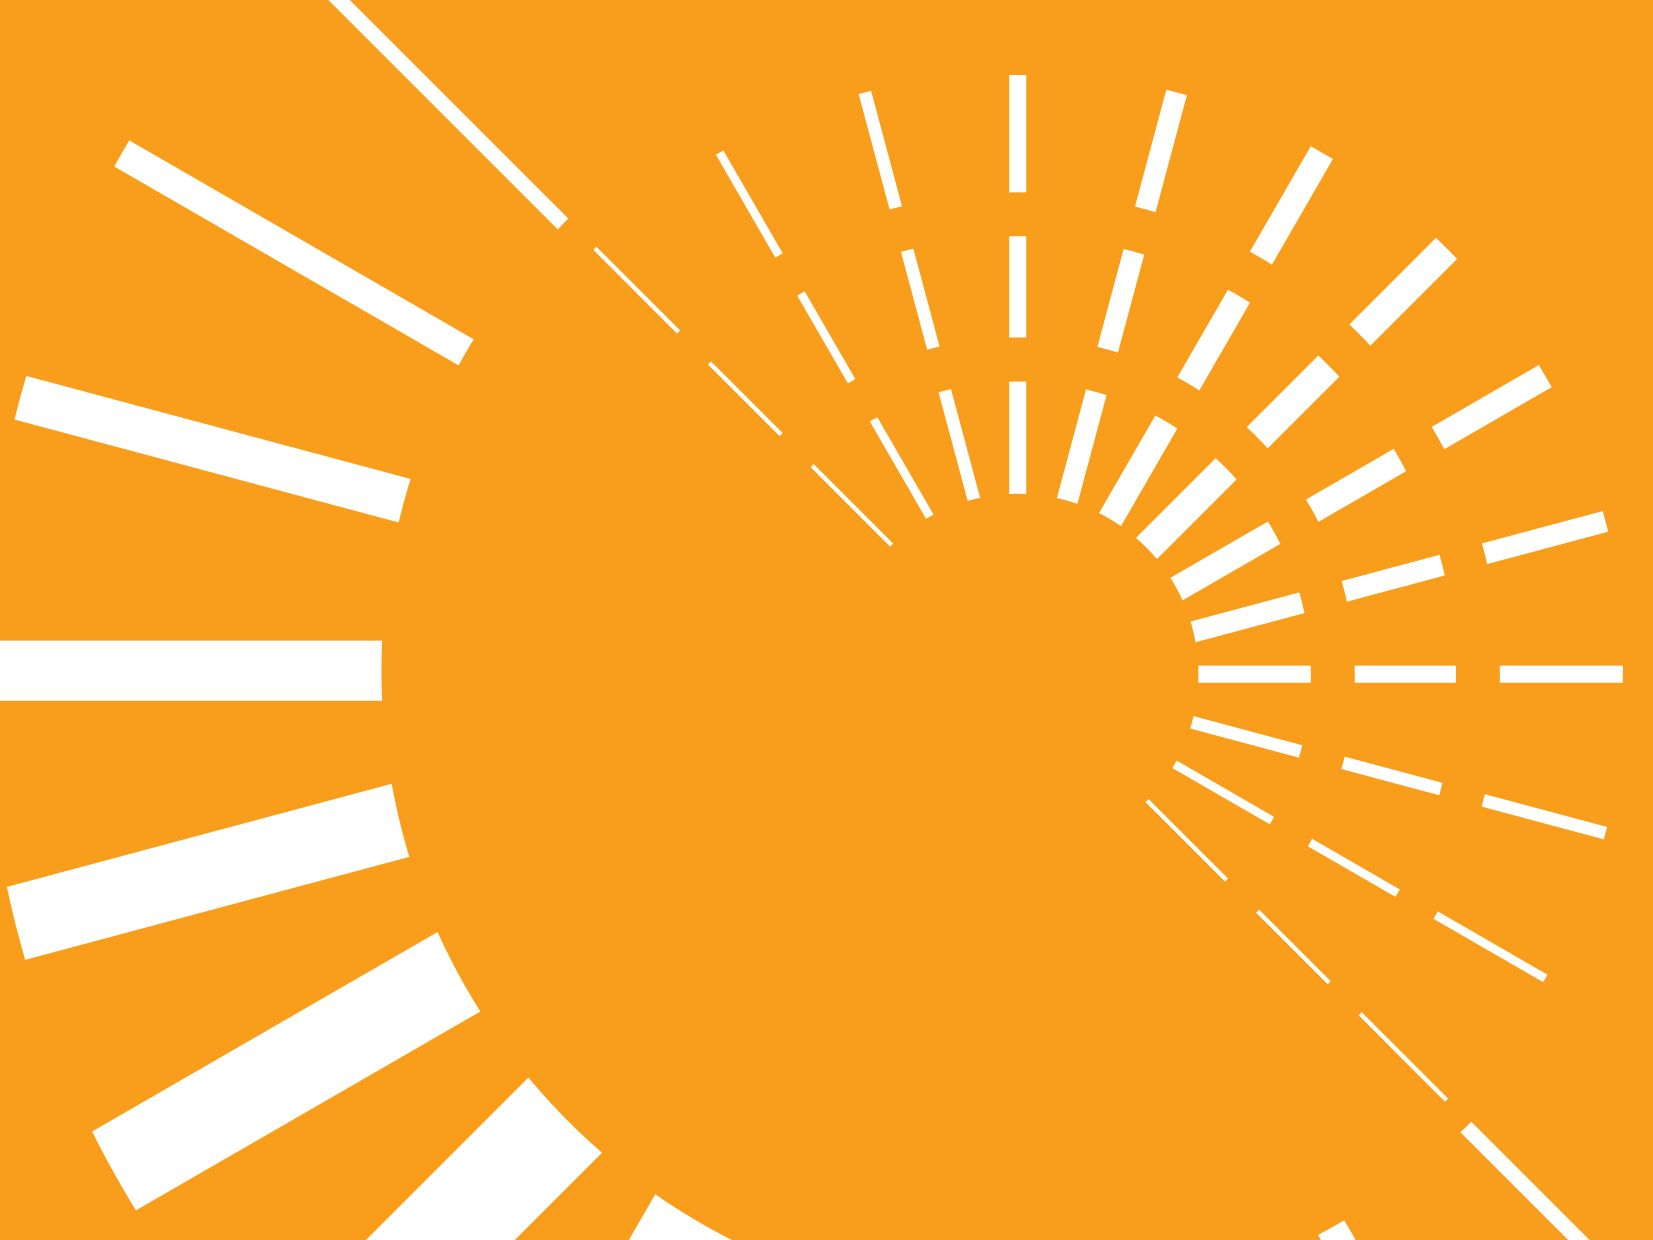 Decorative image of dashed white circles on orange background